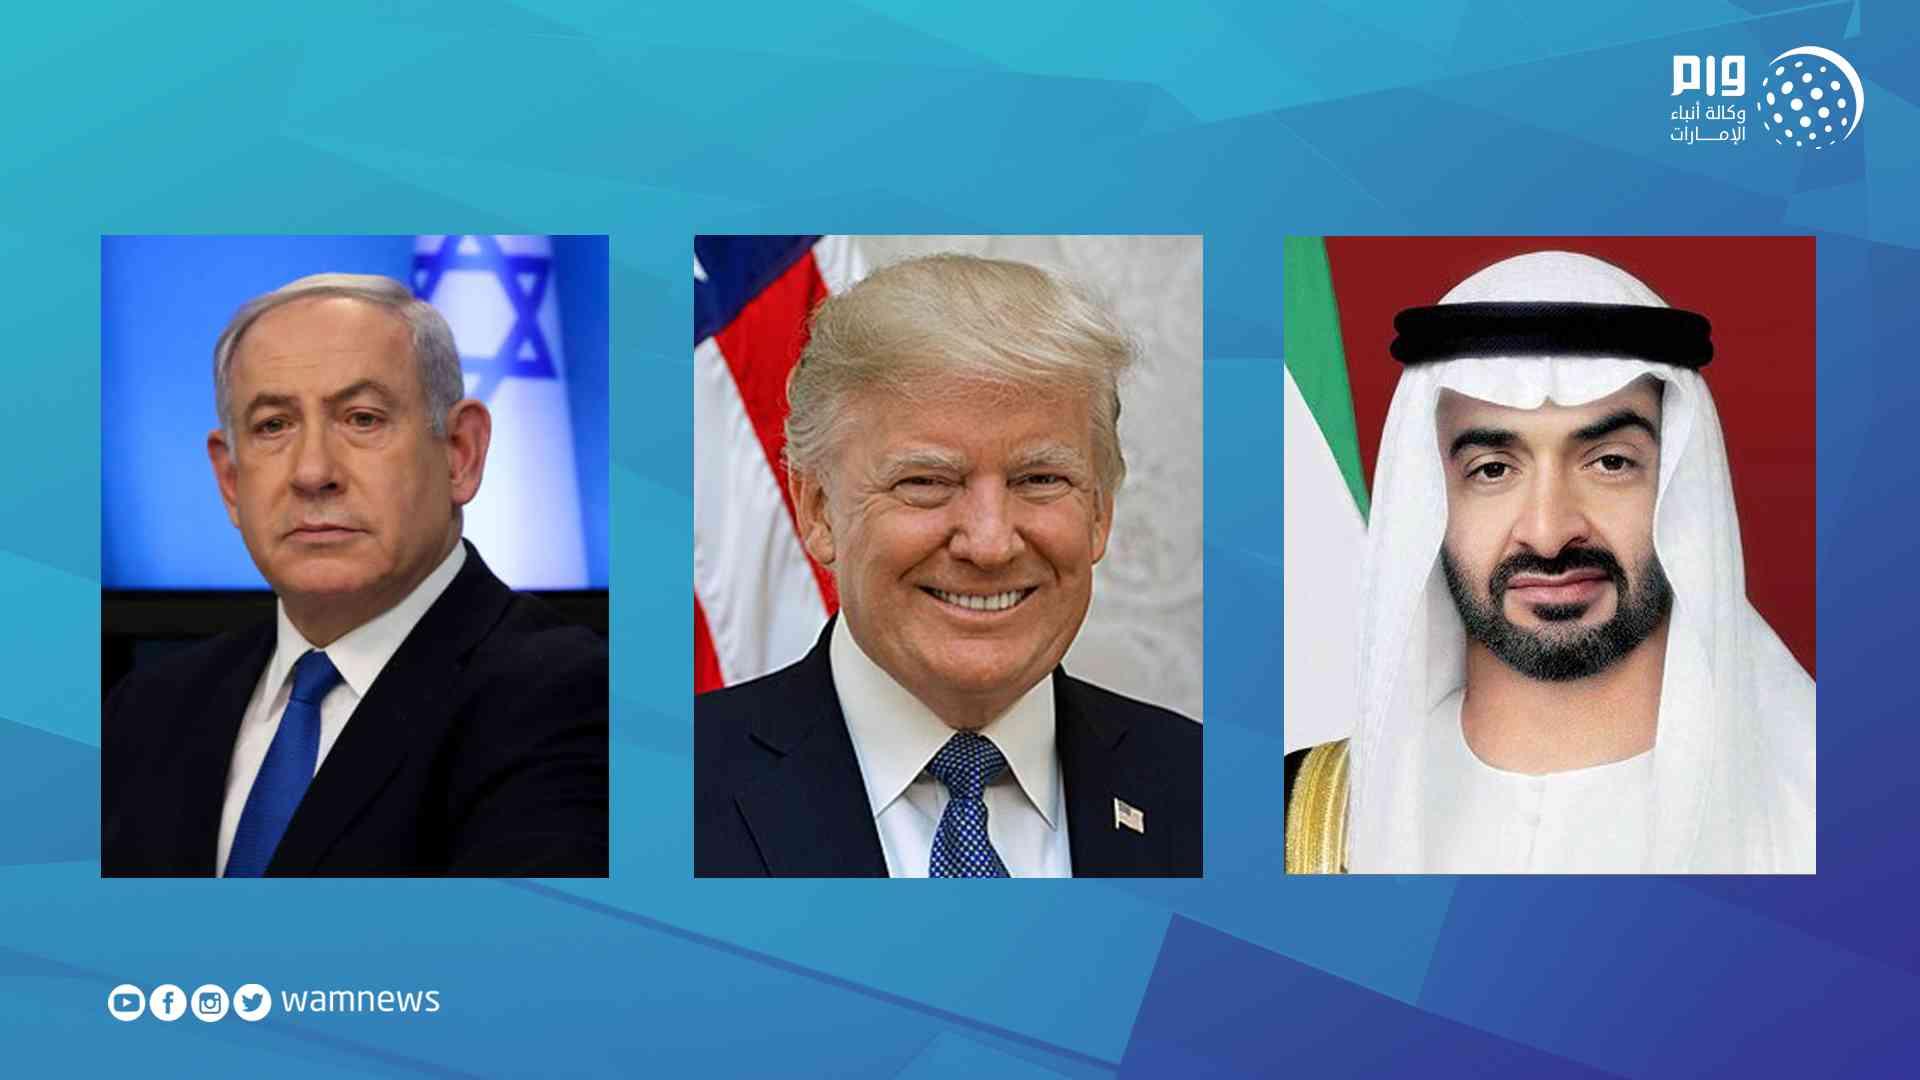 البيان المشترك للولايات المتحدة الأمريكية وإسرائيل والإمارات العربية المتحدة